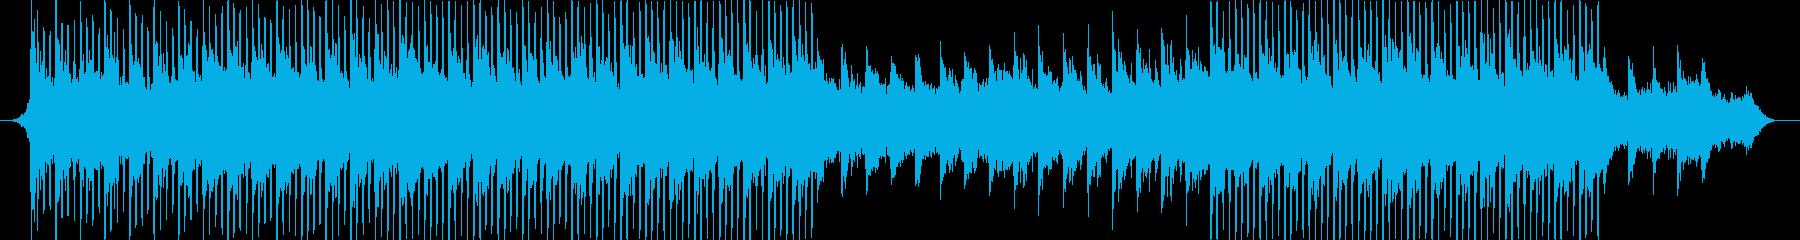 EDM4☆明るくほのぼのしたギター☆の再生済みの波形